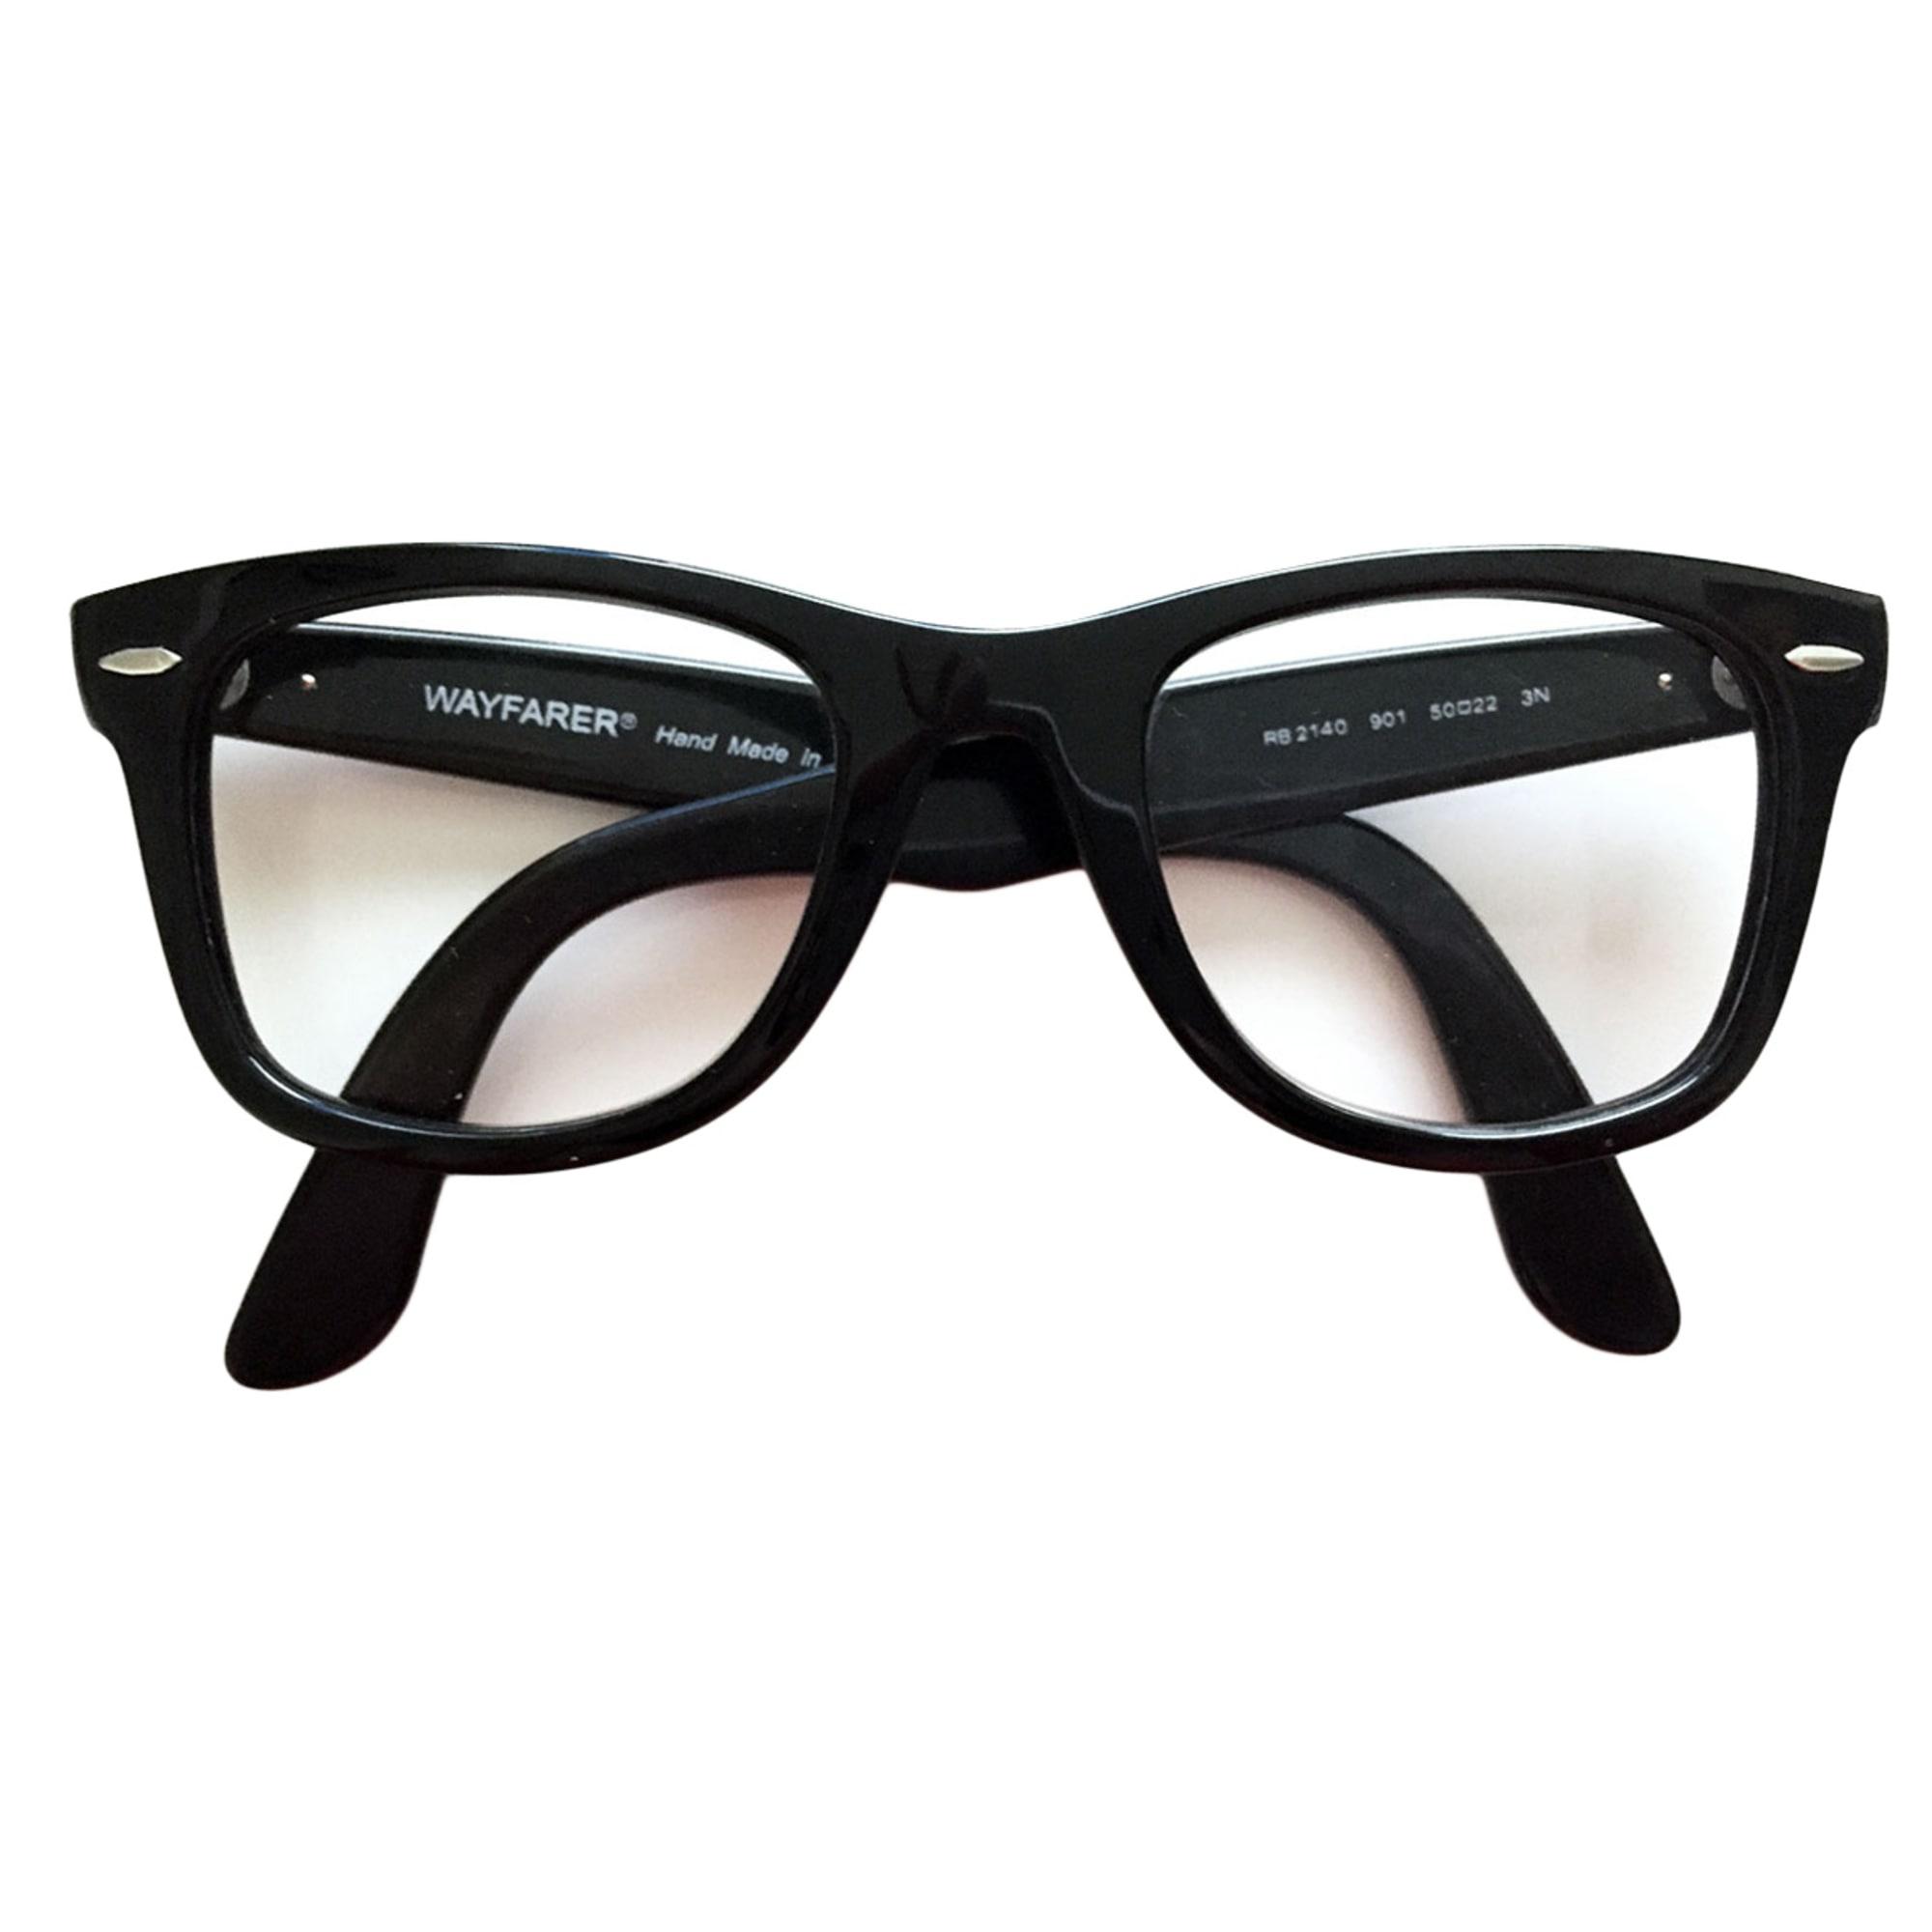 6af6b9ec4ee749 Monture de lunettes RAY-BAN noir vendu par Trentemars - 6899019